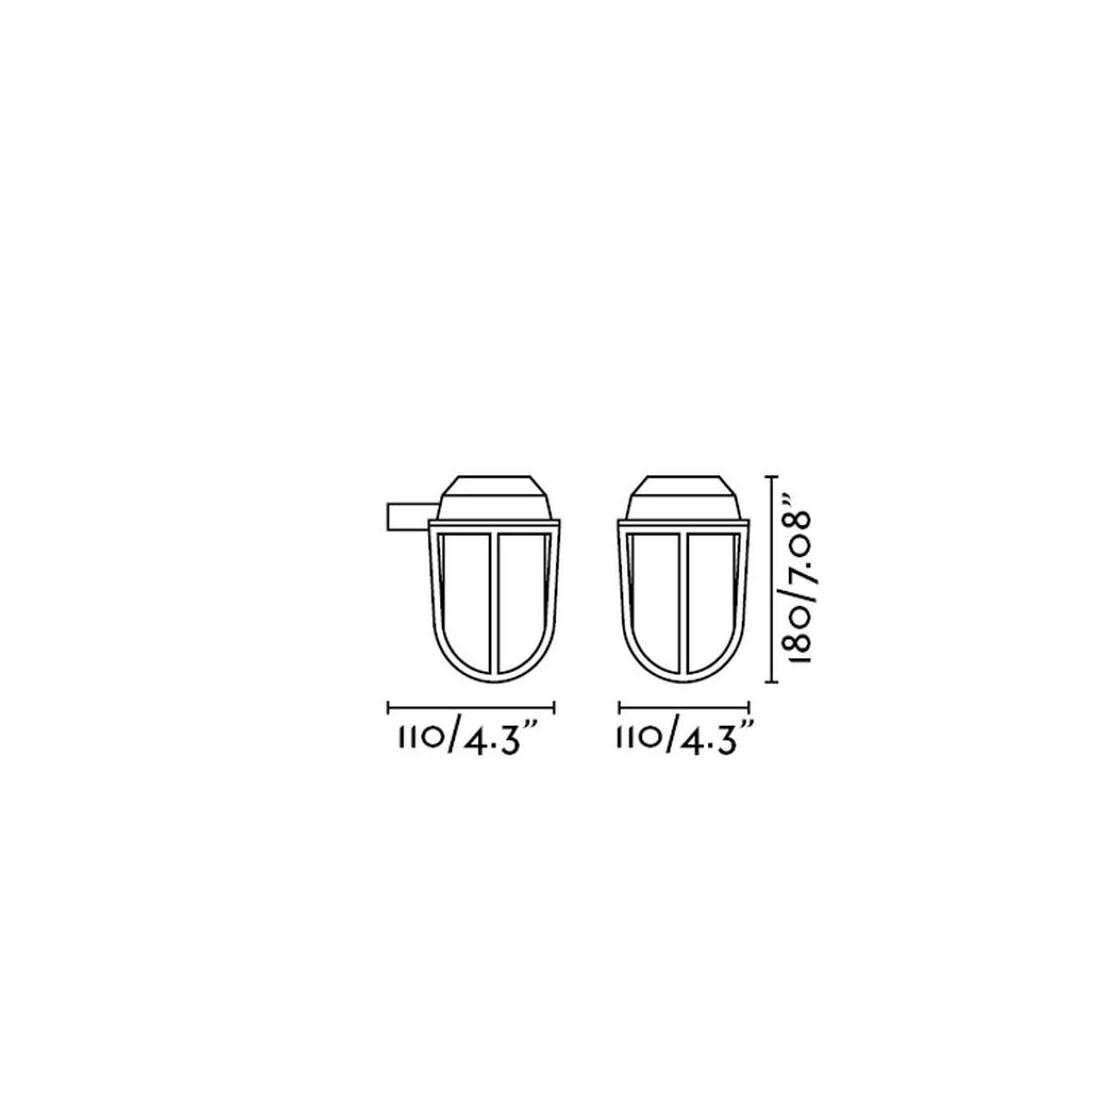 Apliques articulados comprar aplique articulado apliques - Apliques pared modernos ...